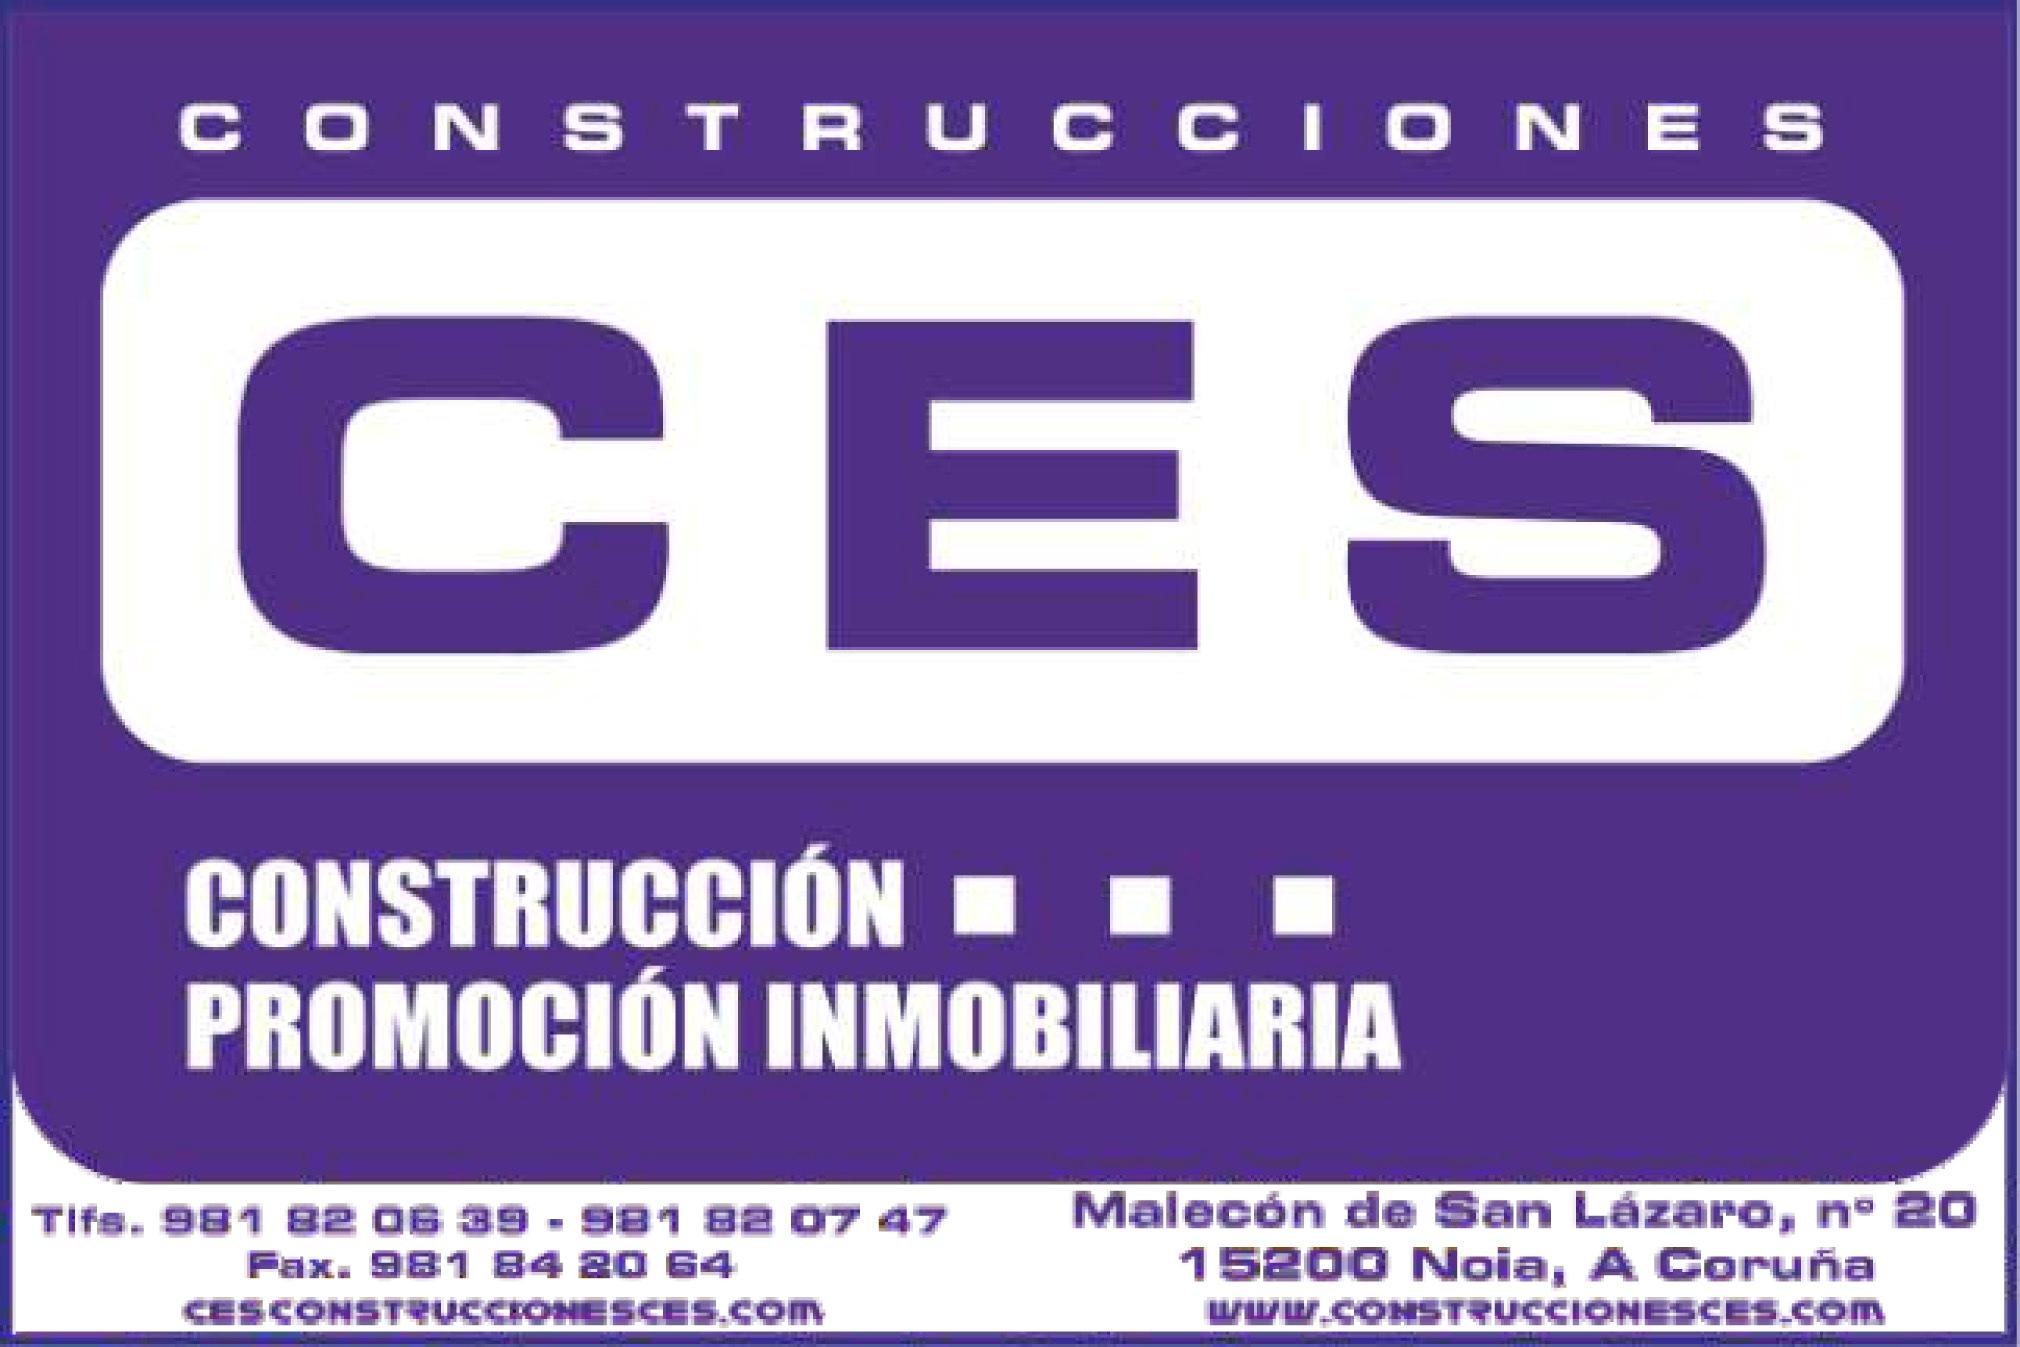 construcciones-ces.jpg